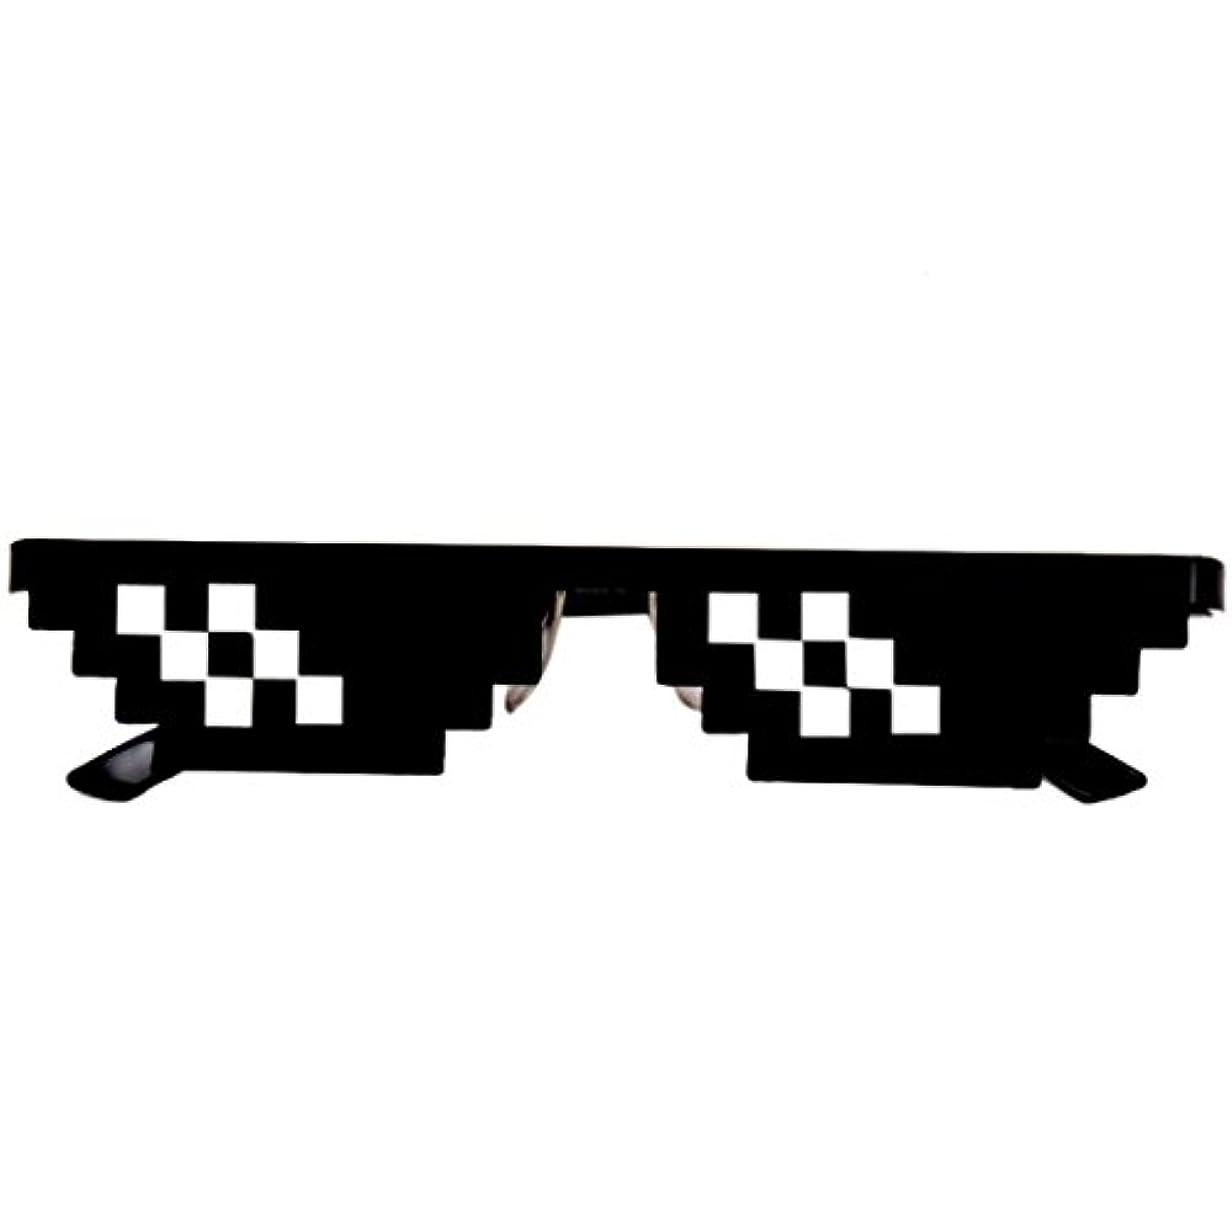 ほこりと遊ぶ賭けAliciga モザイクサングラス メガネ レンズあり PC 3格 6格 ブラック UVカット おもしろ 二次元メガネ コスプレ 海外人気 ダンス発表会 パーティー 一発芸 イベントグッズ 個性派サングラス 騙されたメガネ いたずら おもちゃ (6格)